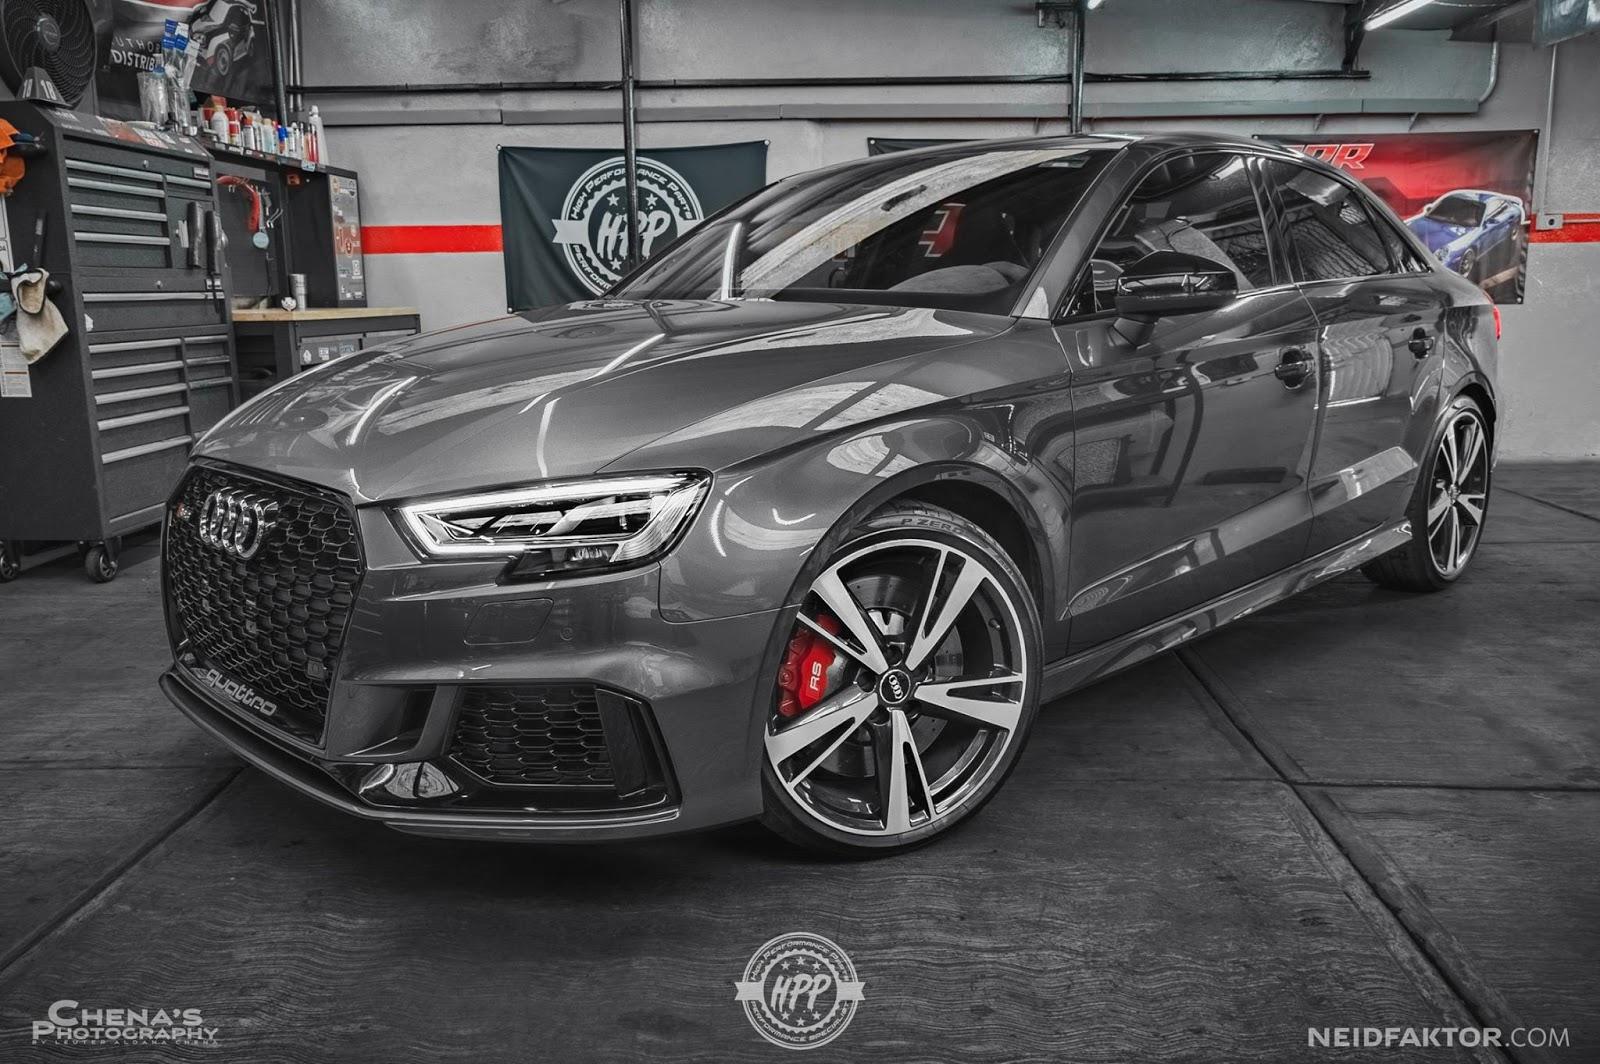 Audi RS3 sedan byNeidfaktor (1)